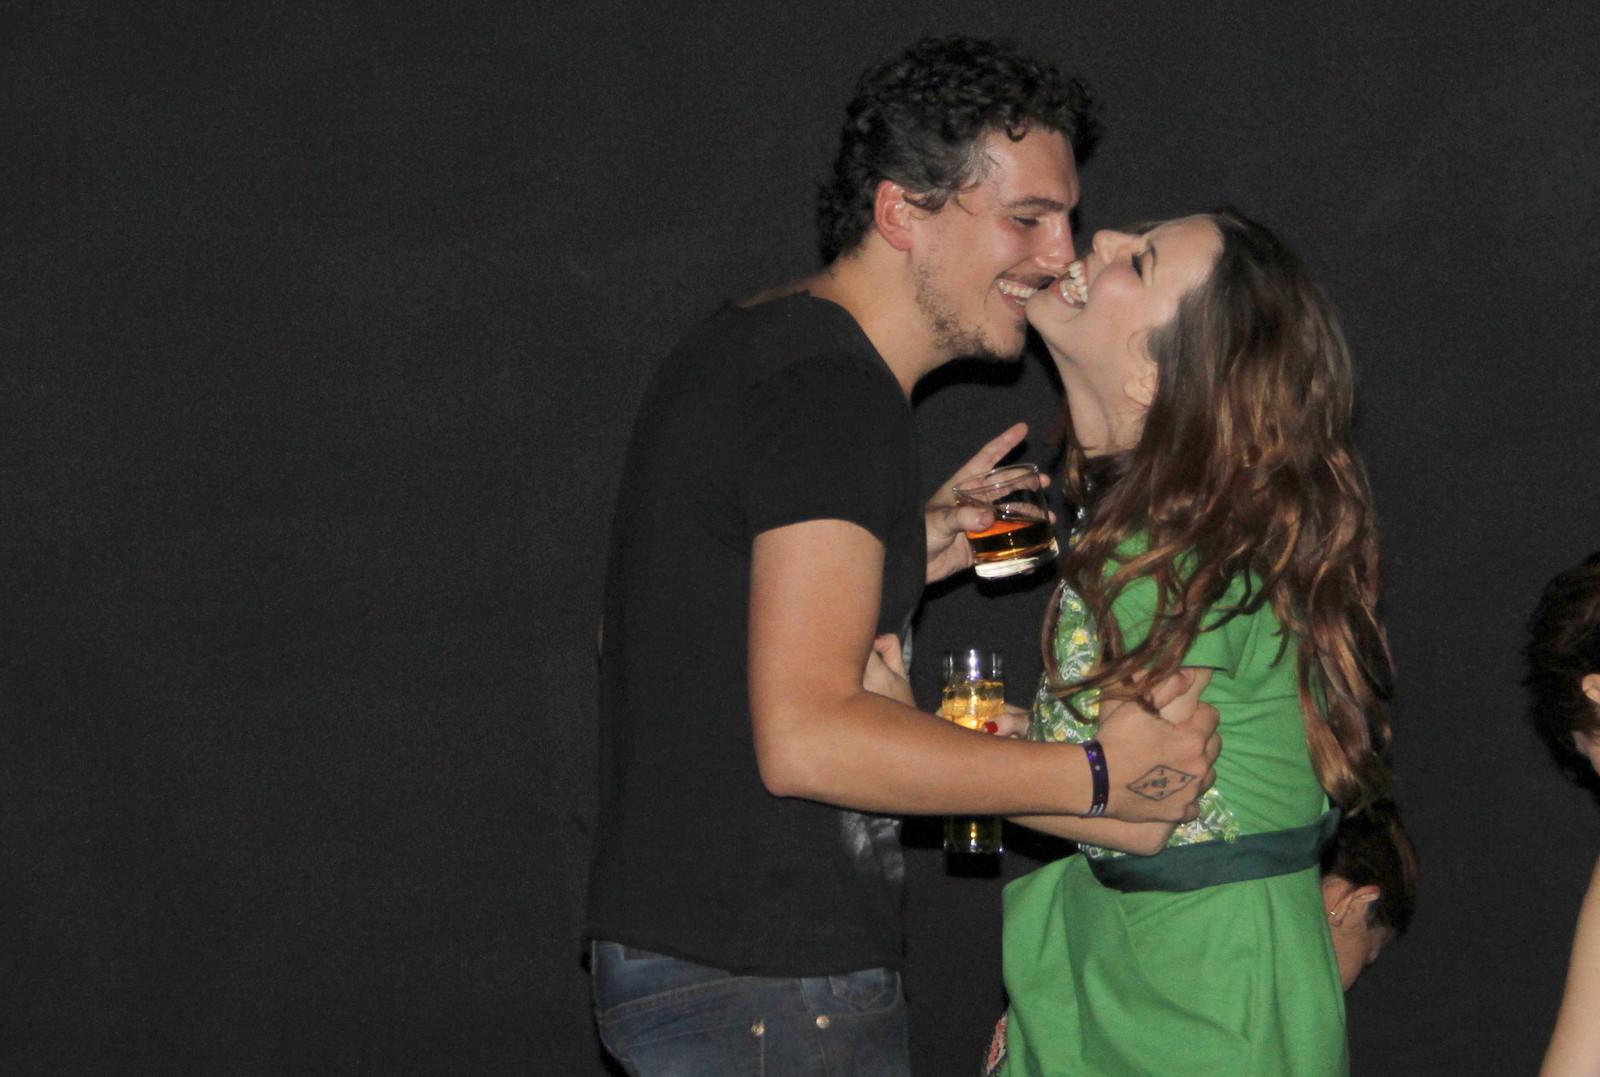 Nathalia Dill com o namorado Caio Sóh em festa no Rio